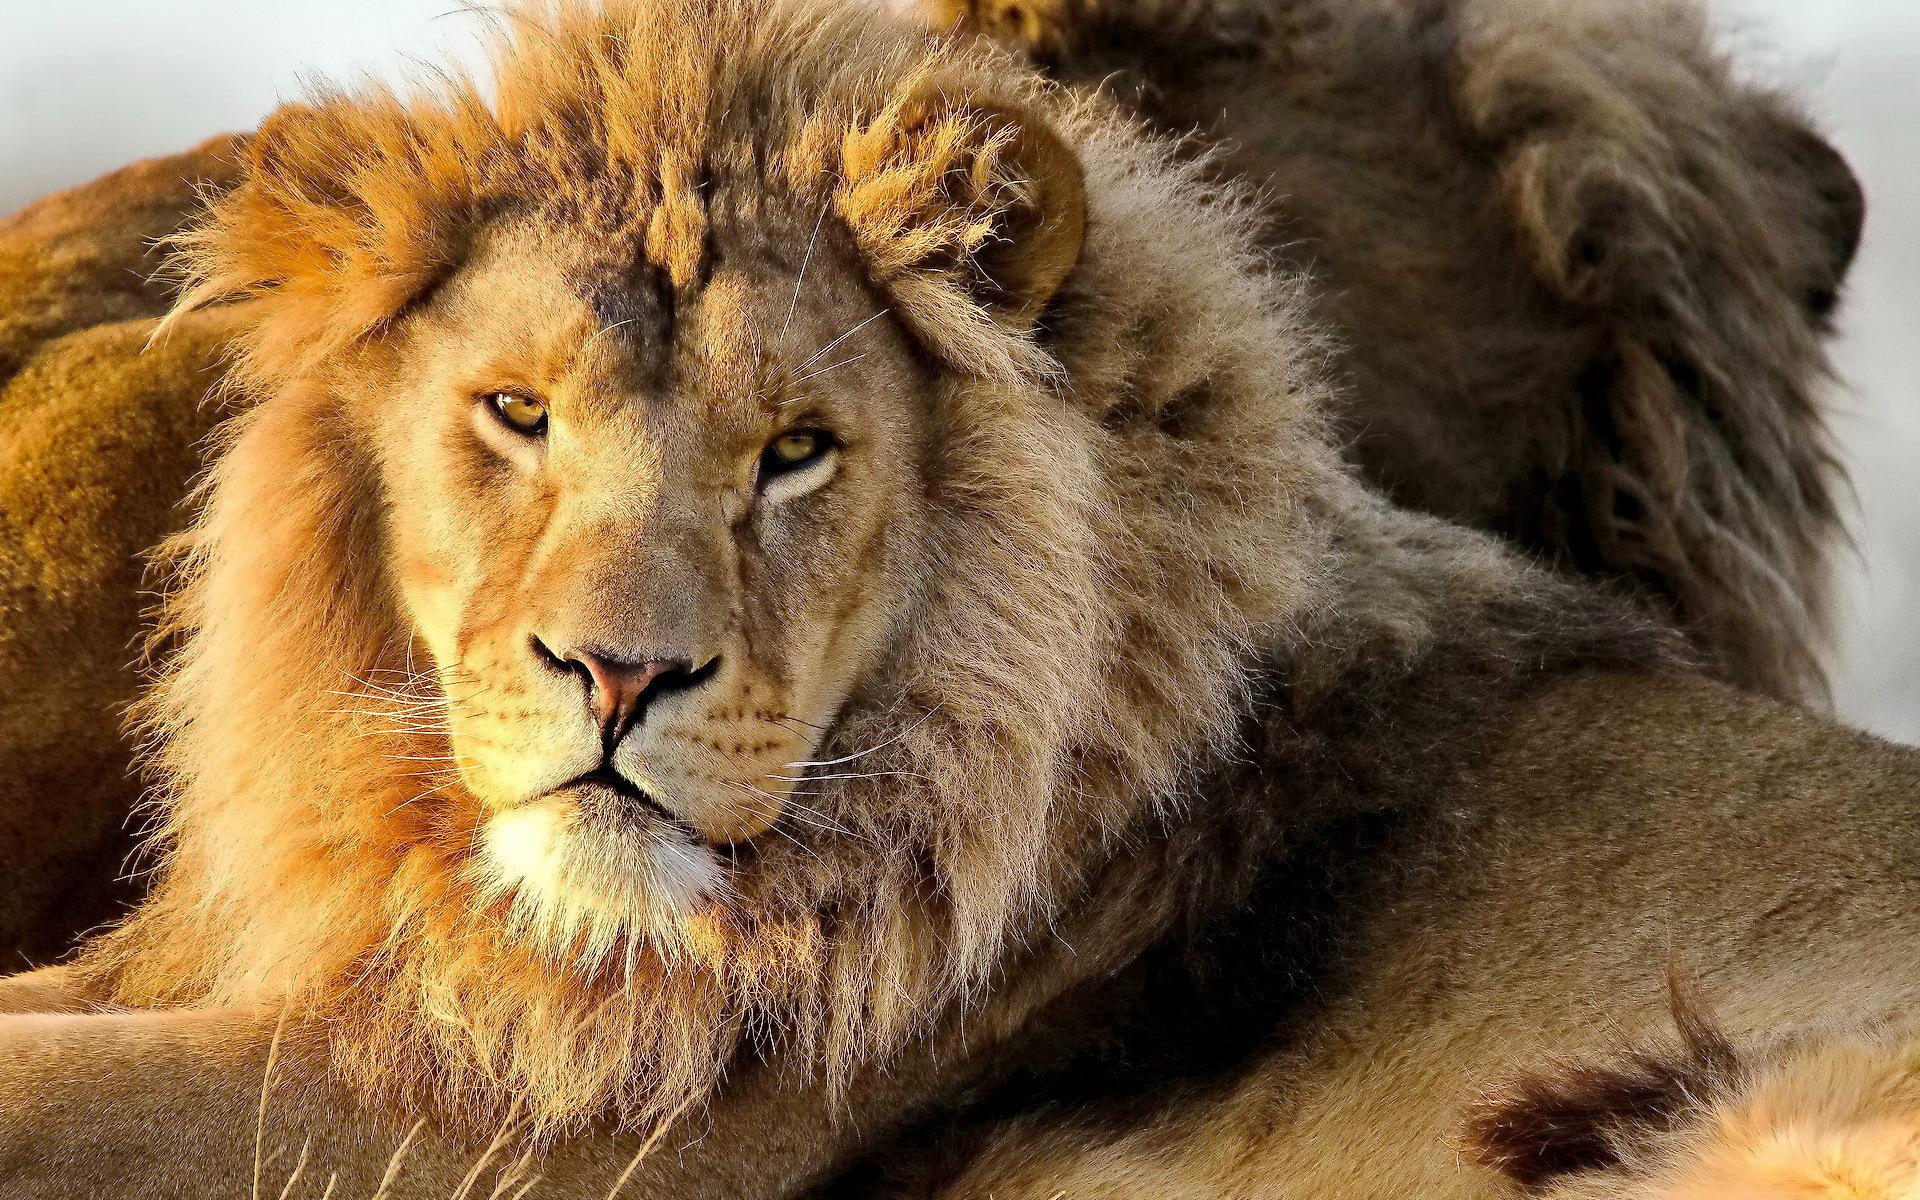 Фото высокого качества львы на фон телефона группе советских